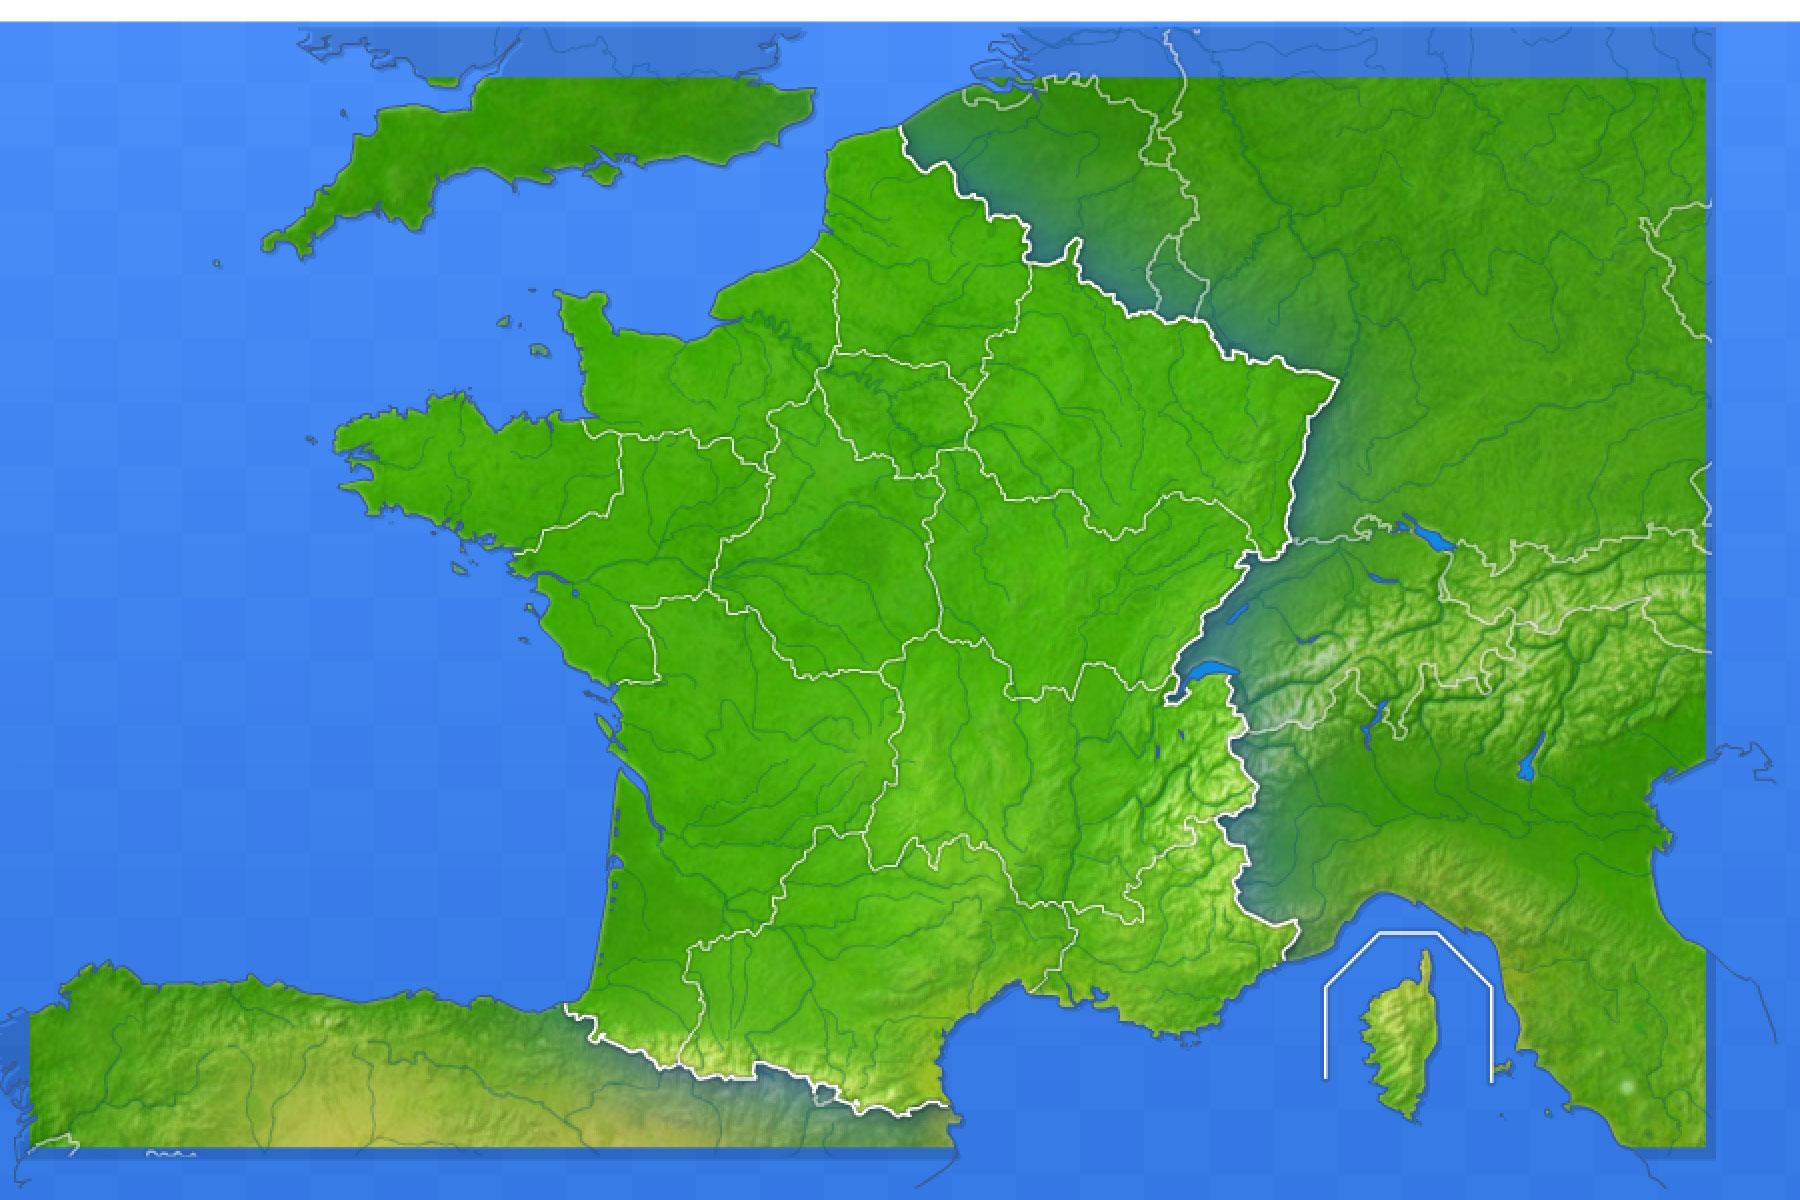 Jeux-Geographiques Jeux Gratuits Jeu Villes De France à Jeux Geographique